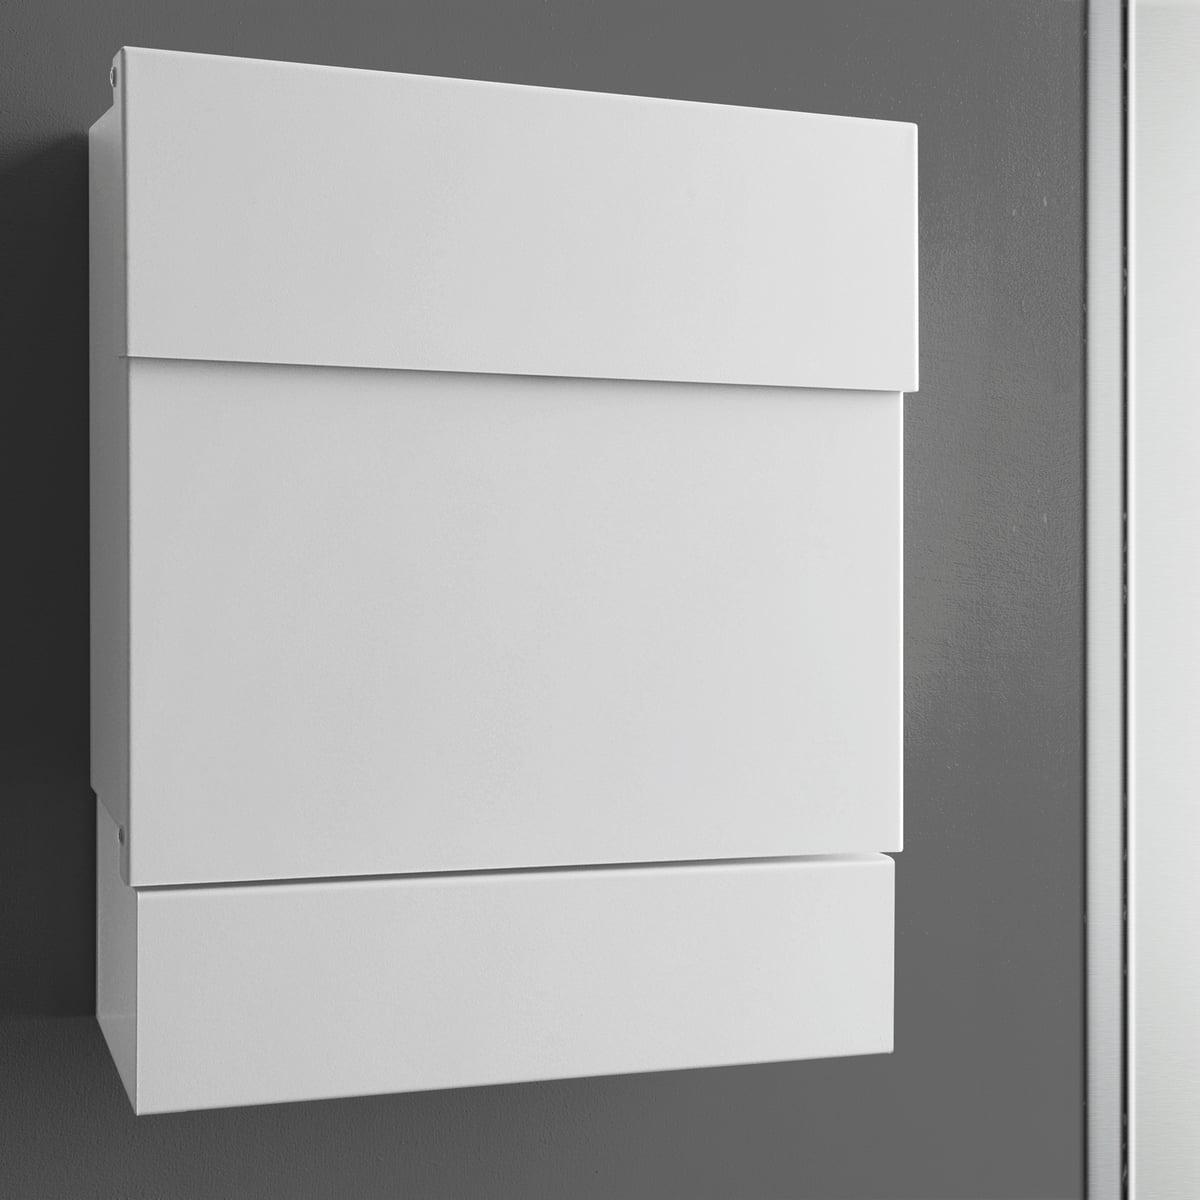 Radius Design - Briefkasten Letterman V| Edelstahl matt poliert | Baumarkt > Briefkästen | Radius Design